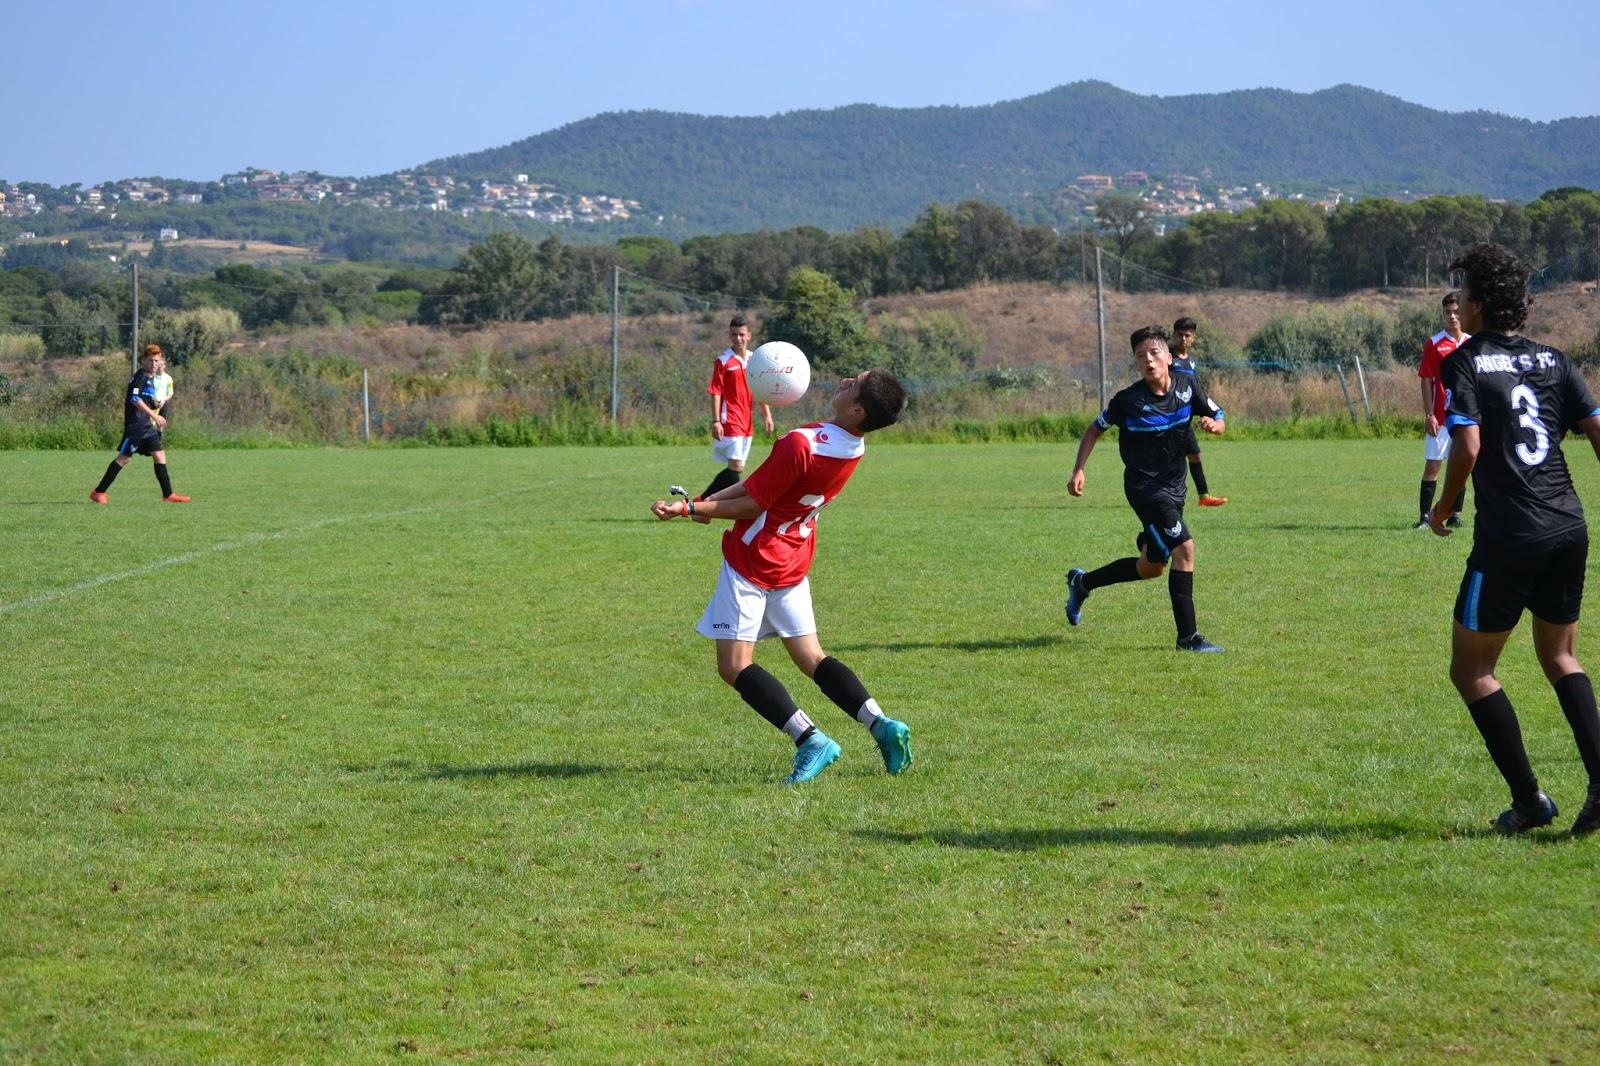 Viseu United FC